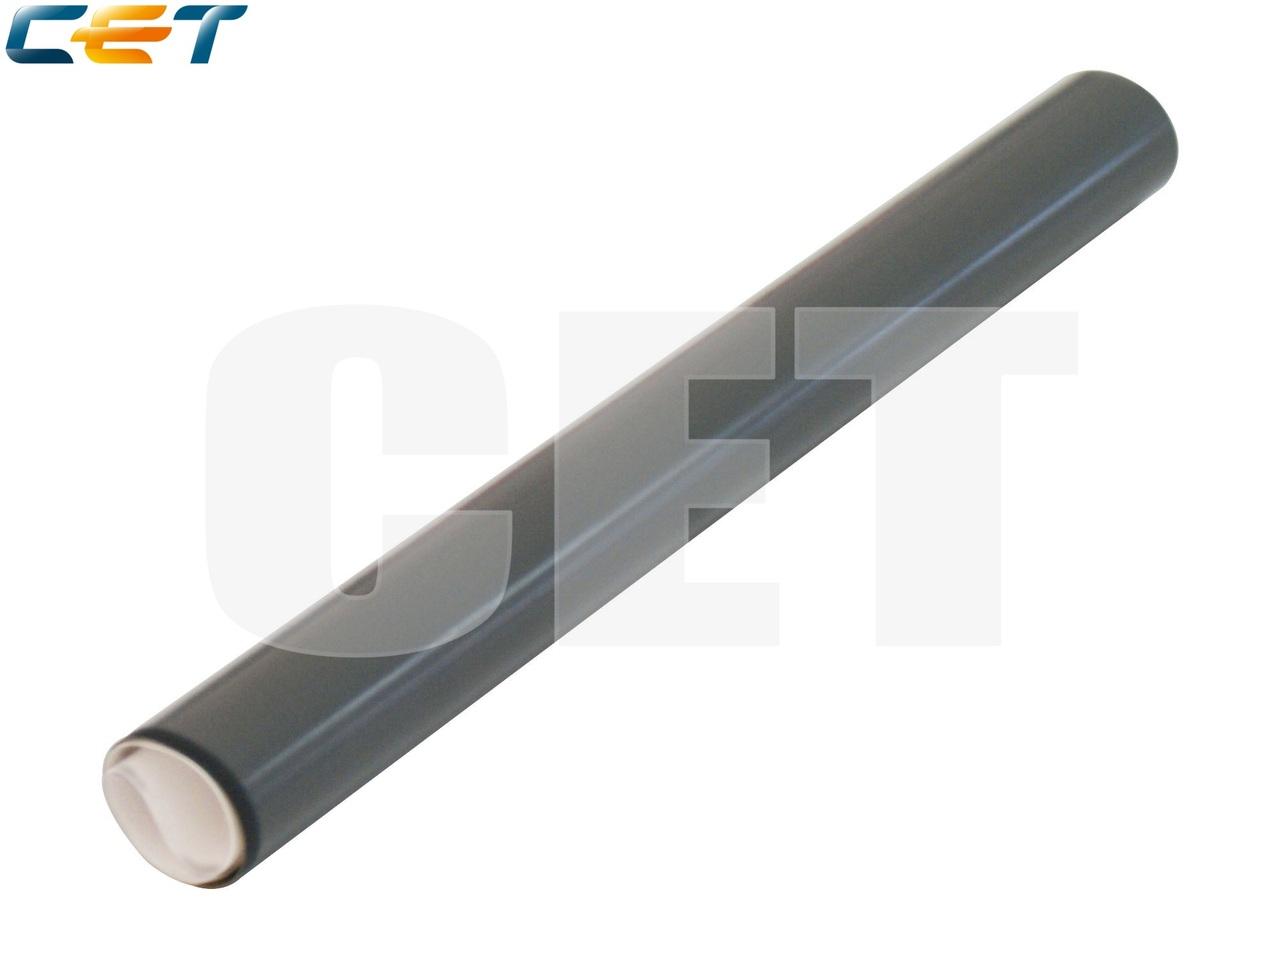 Термопленка для CANON iR1018/1019/1022/1023/1024/1025(CET), CET3962